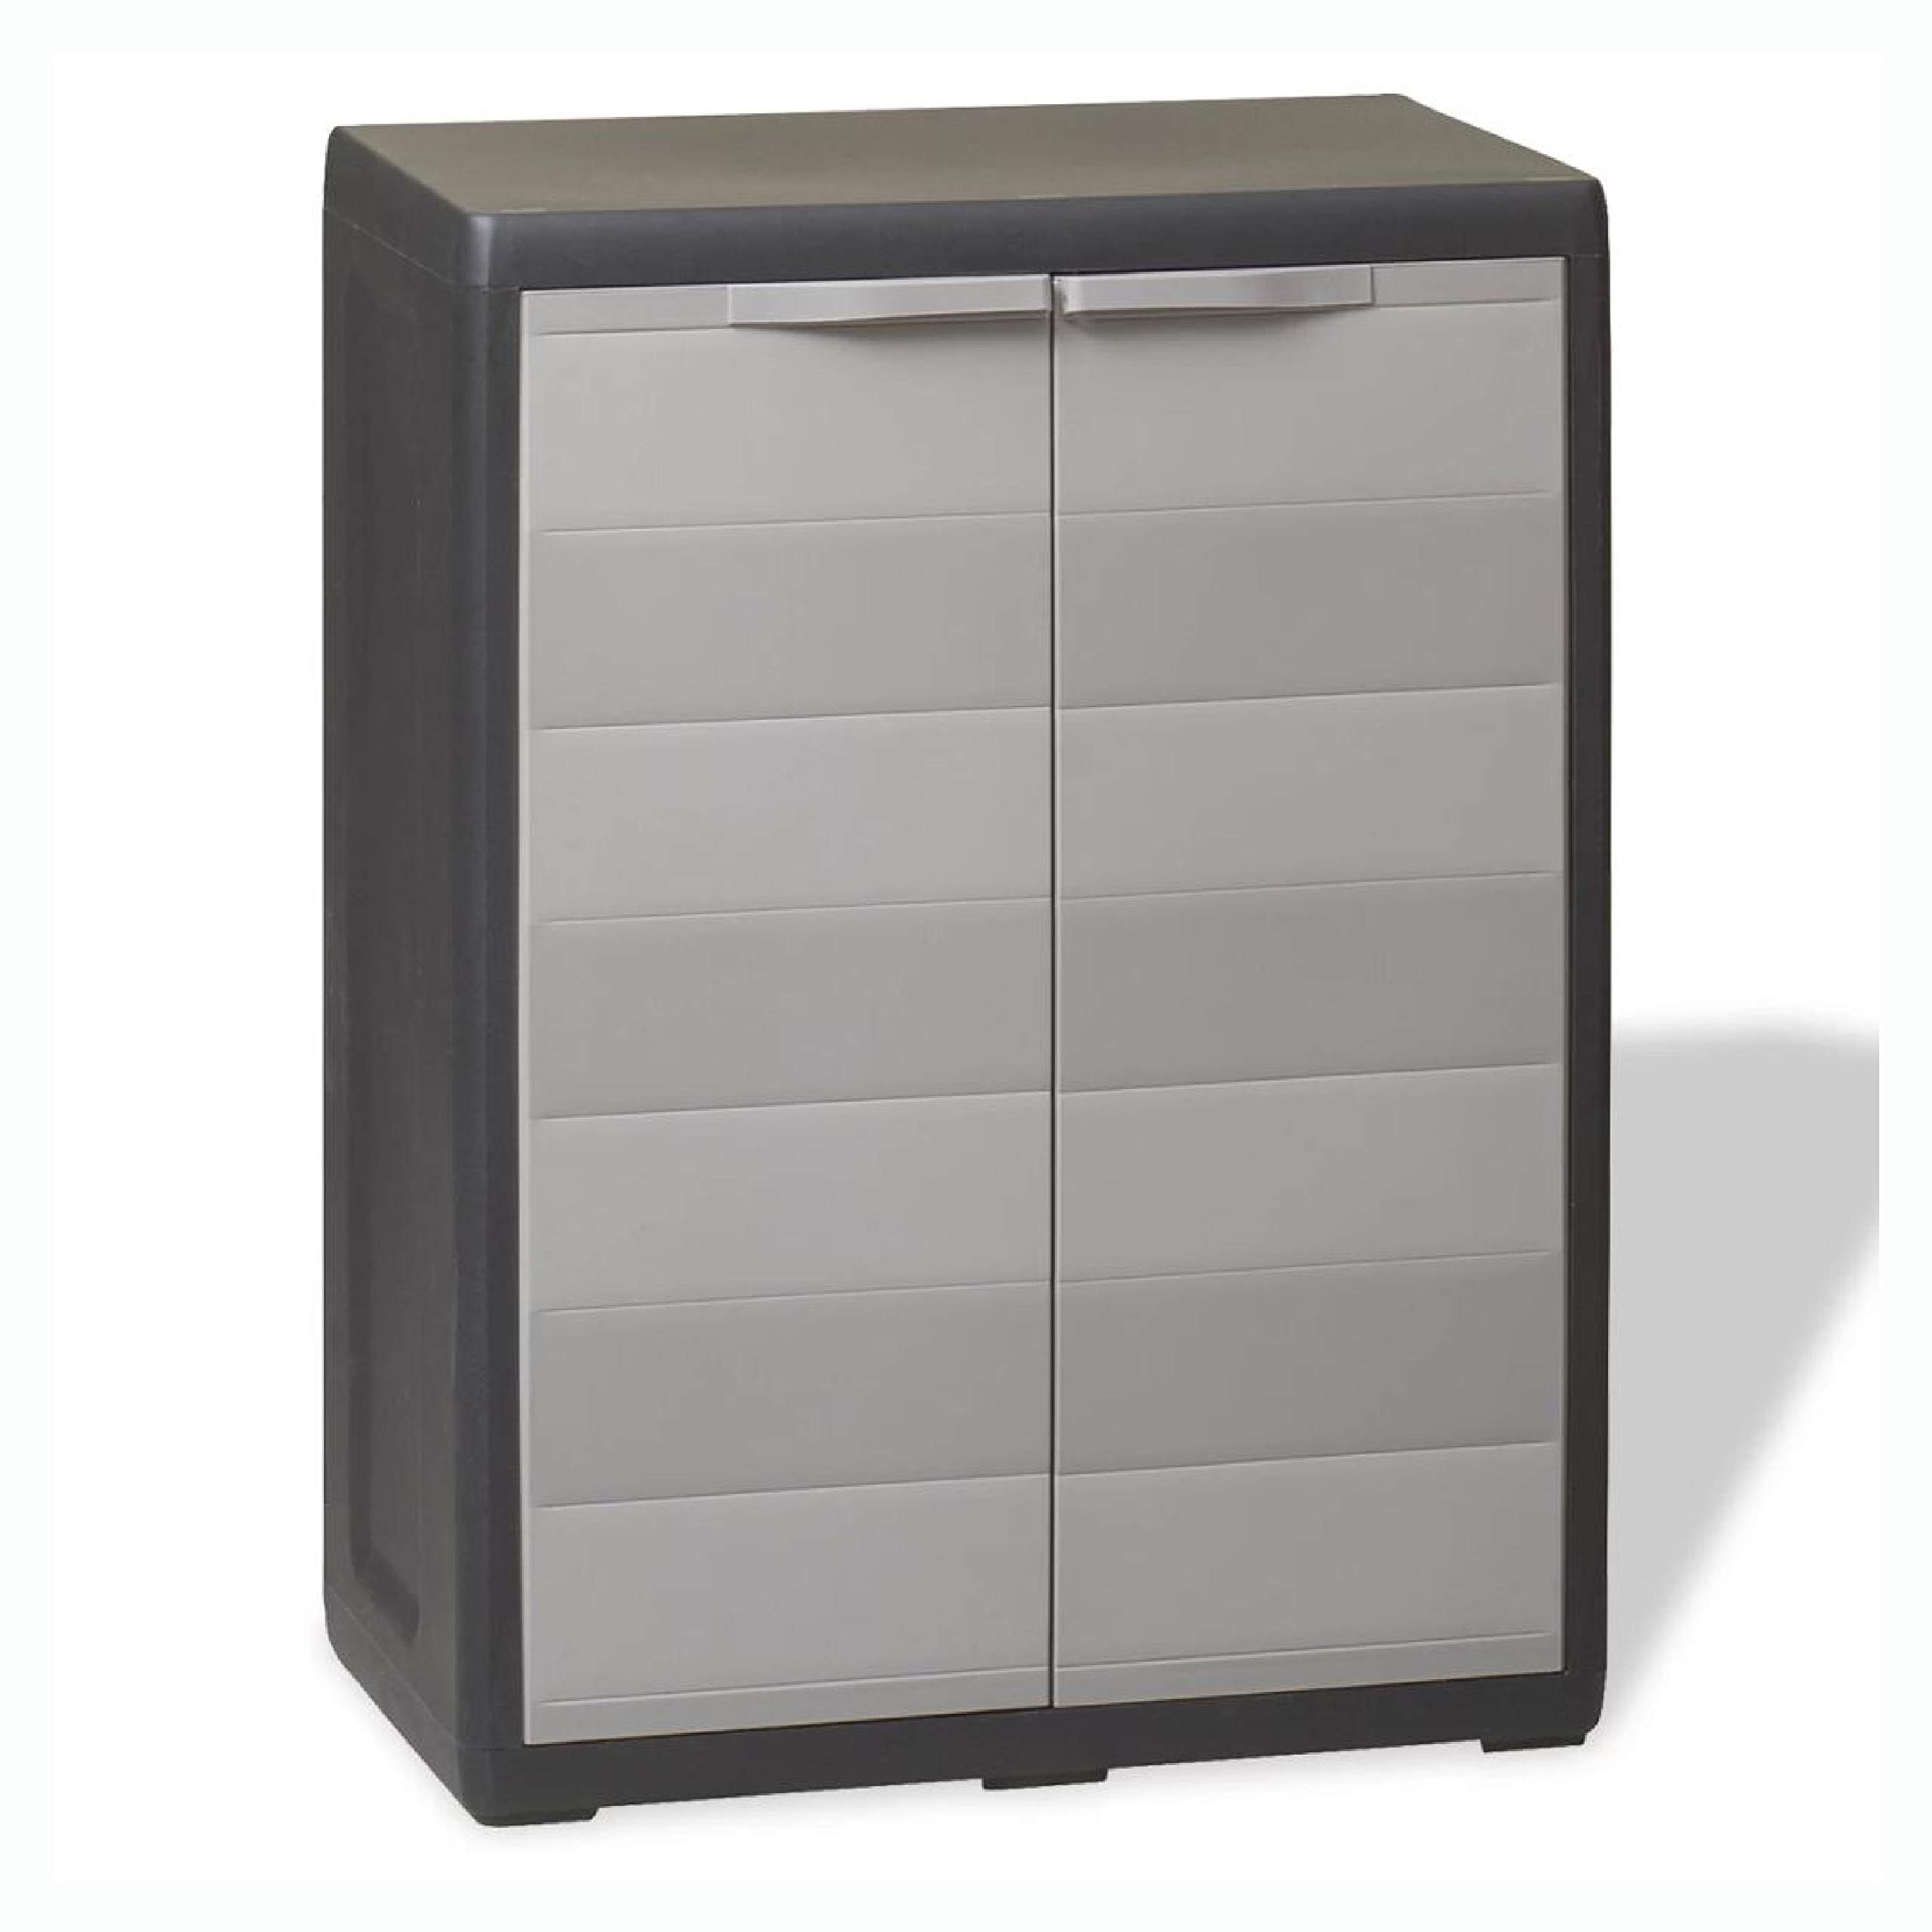 Storage Cabinet & Locker, Garden Storage Cabinet with 1 Shelf Black and Gray